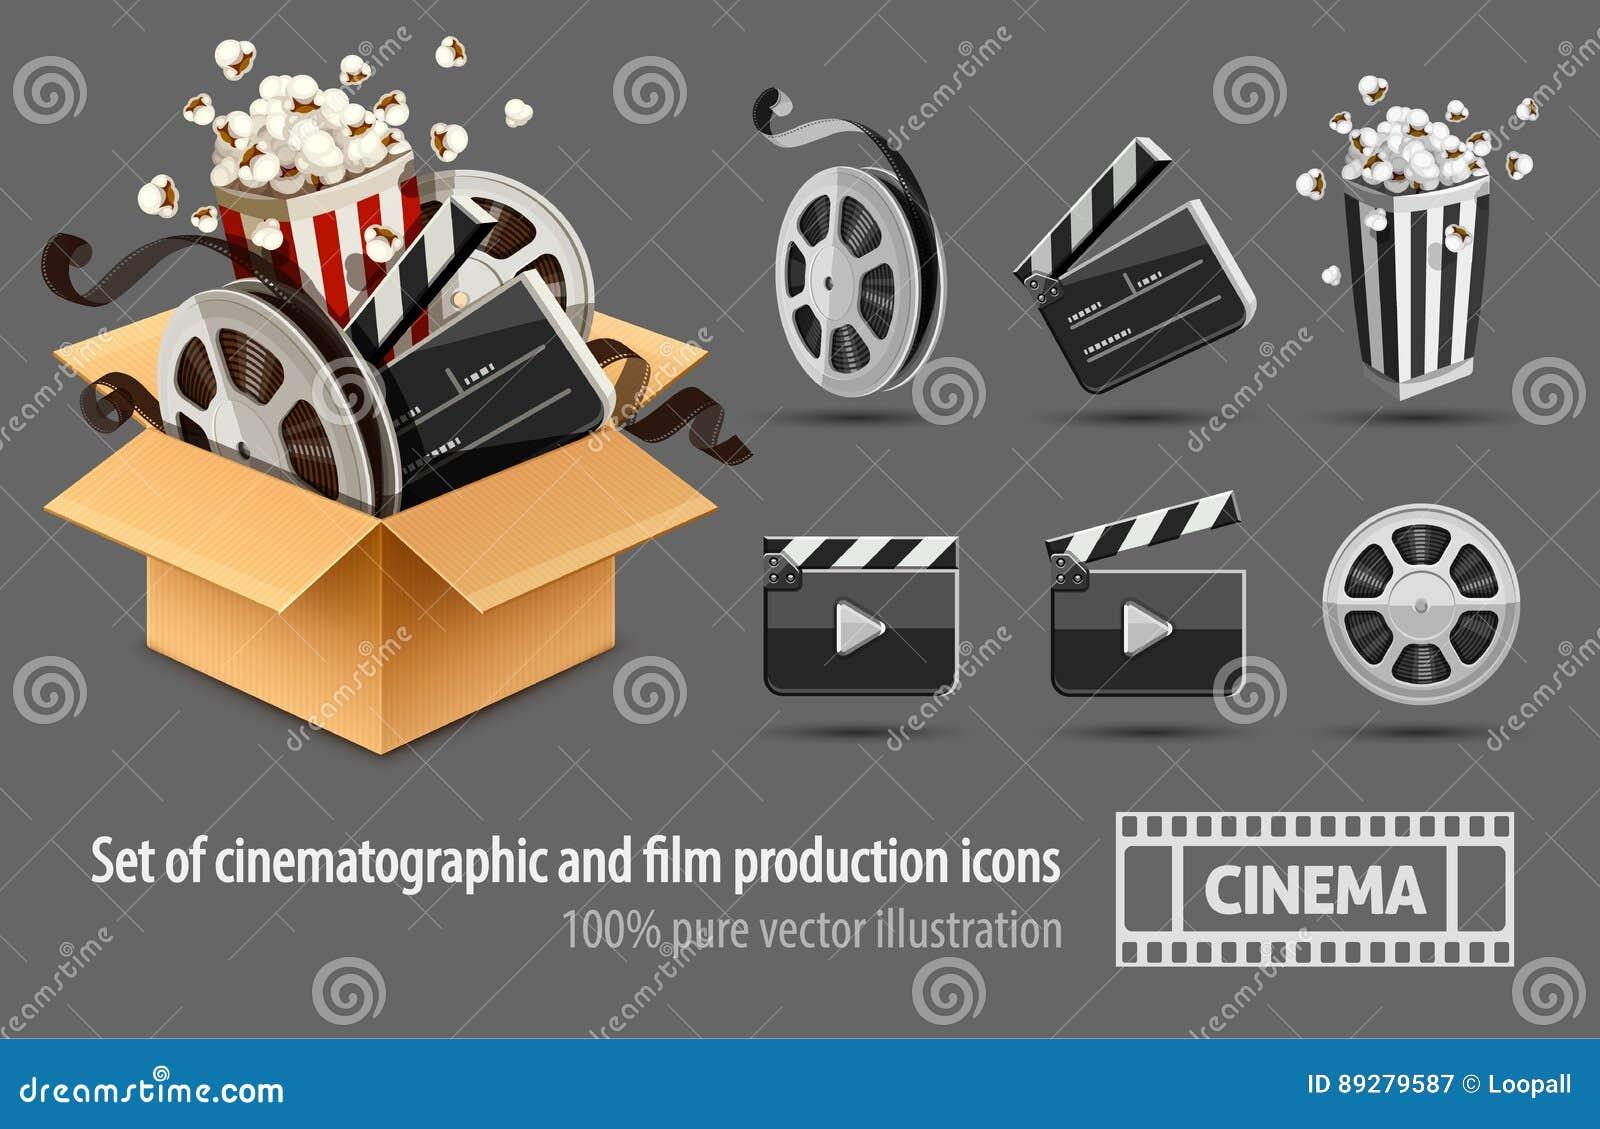 Πλήρης γεμισμένος κουτί από χαρτόνι κινηματογράφος και κινηματογραφία